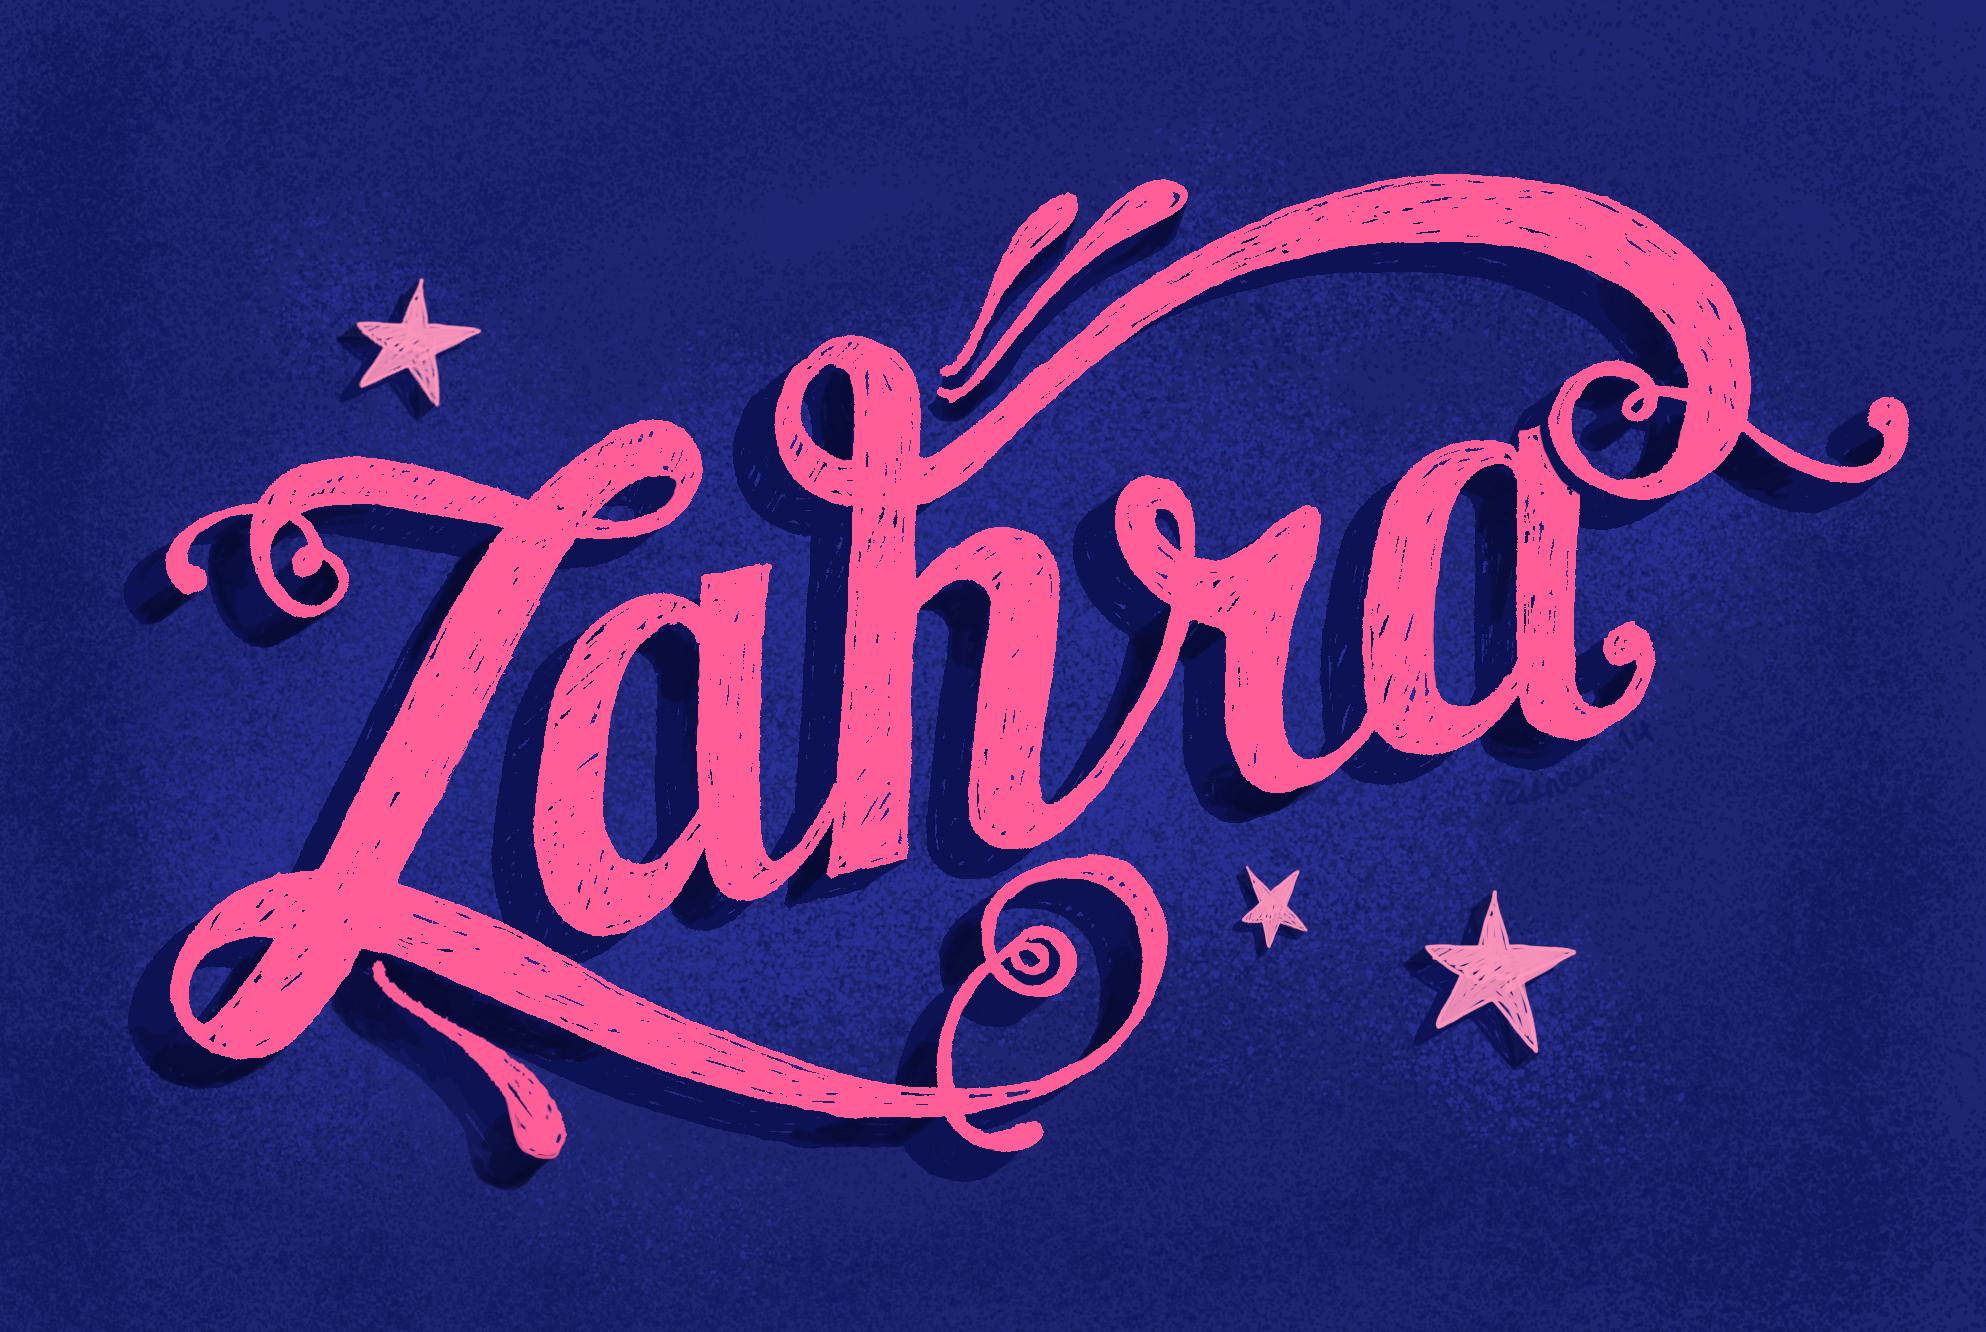 صورة صور اسم زهراء , صور اسمك يا زهراء اكثر فخامه